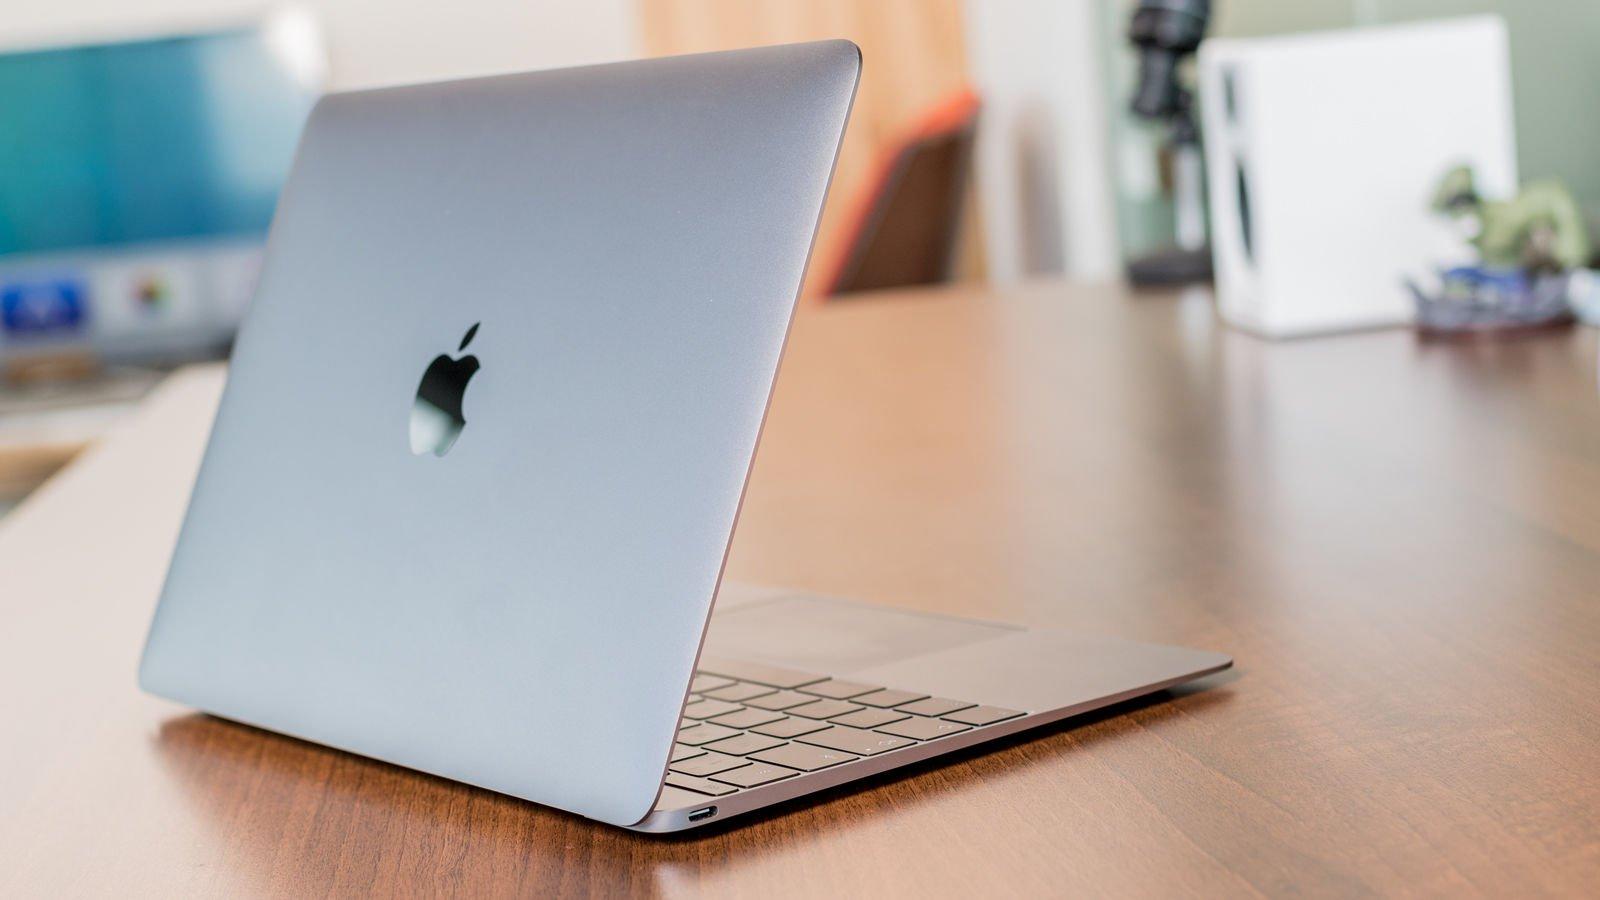 你要掌握的所有今年Apple商品及公布时间全在这儿!